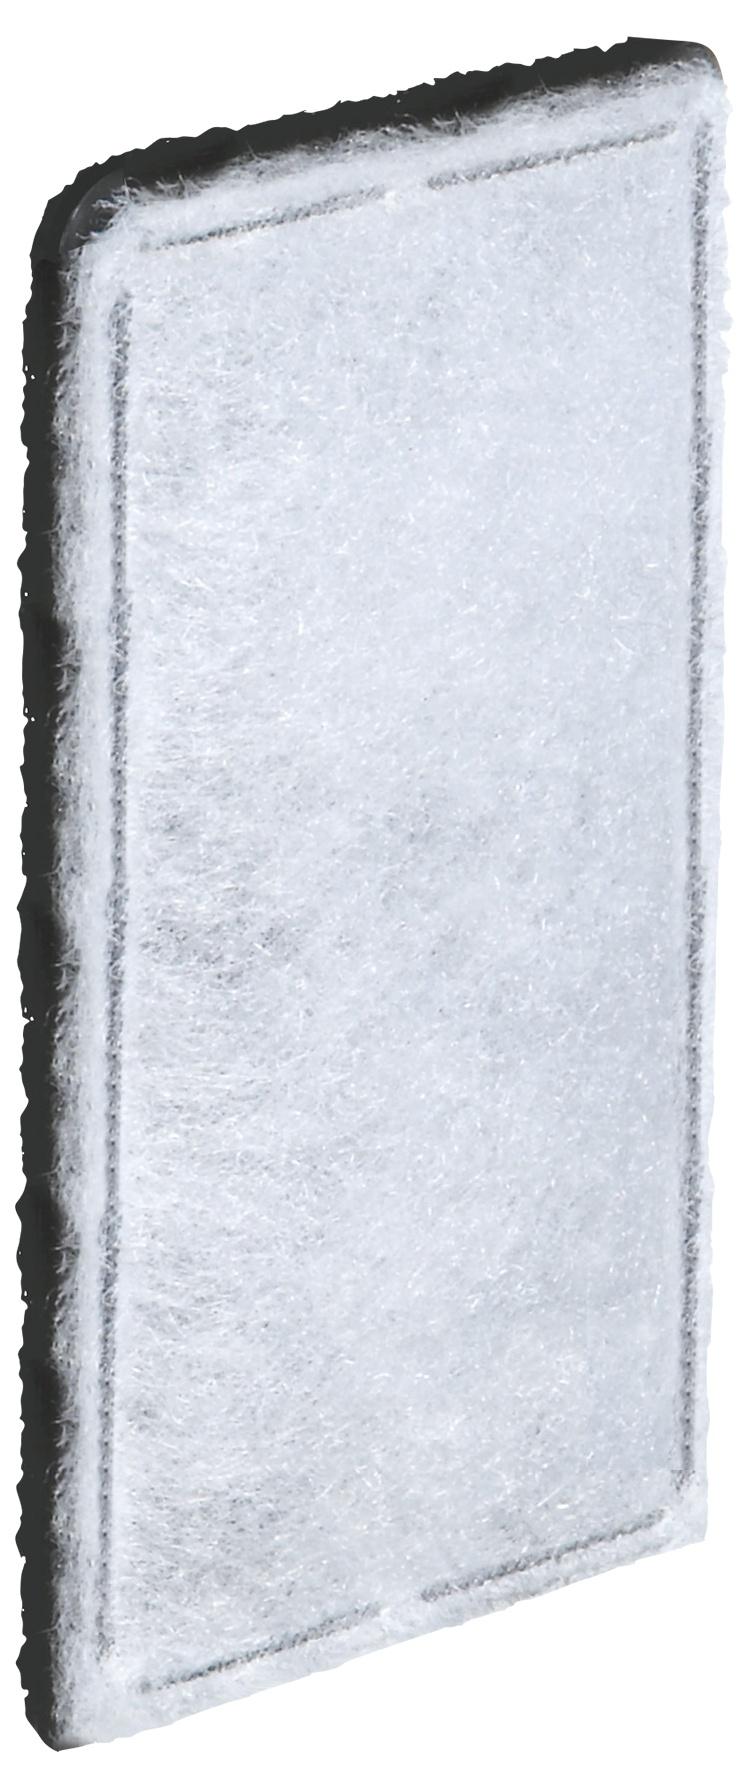 Наполнитель аквариумного фильтра - CarbonFoam for Fluval U2